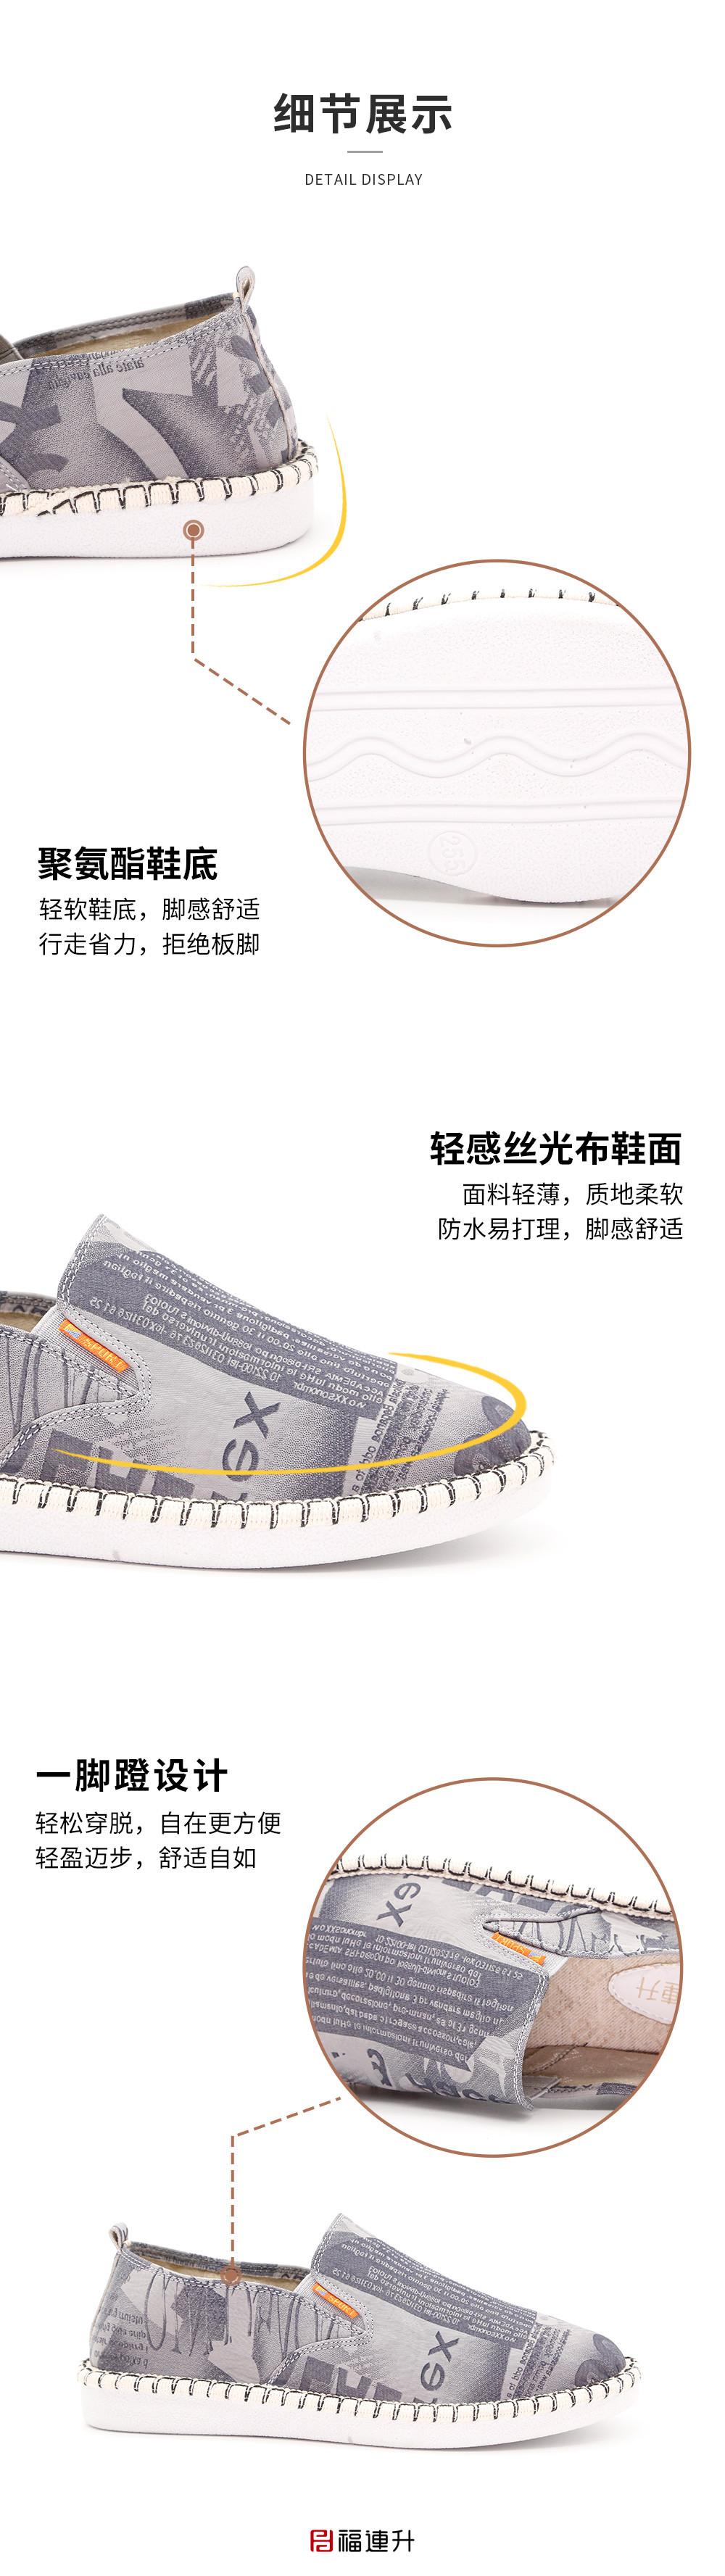 福连升老北京布鞋季男士懒人一脚蹬渔夫鞋棉麻软底休闲鞋图片